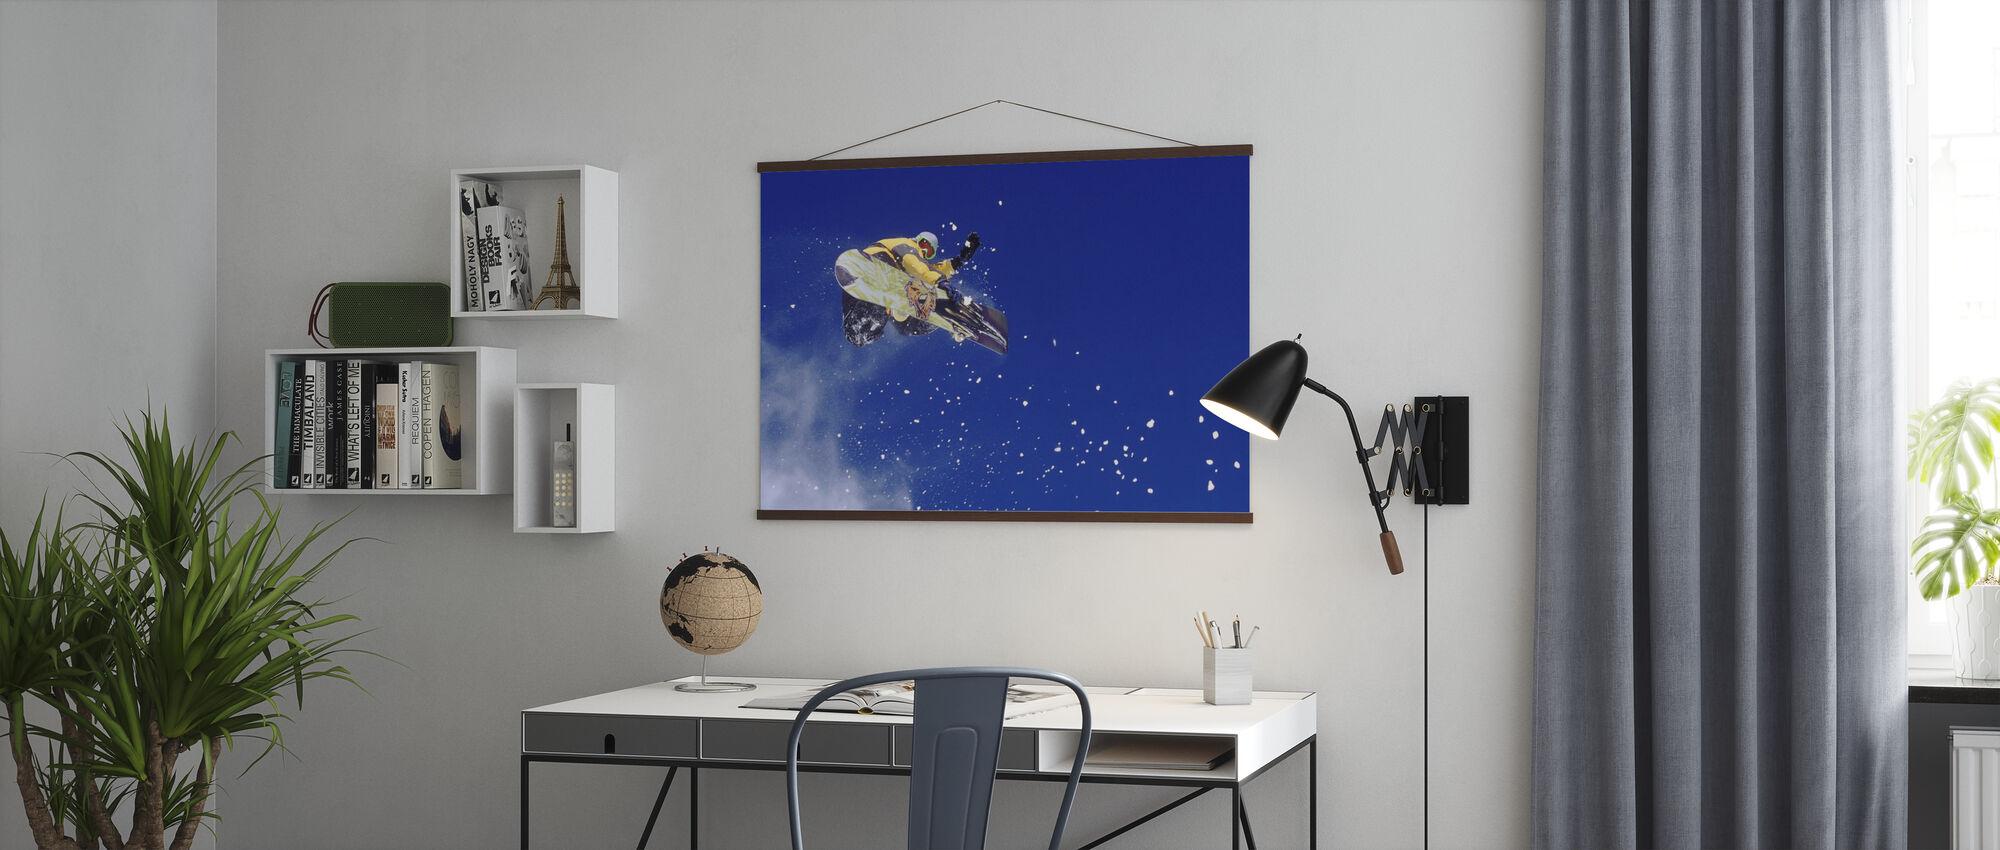 Airborne Snowboarder - Poster - Kantoor